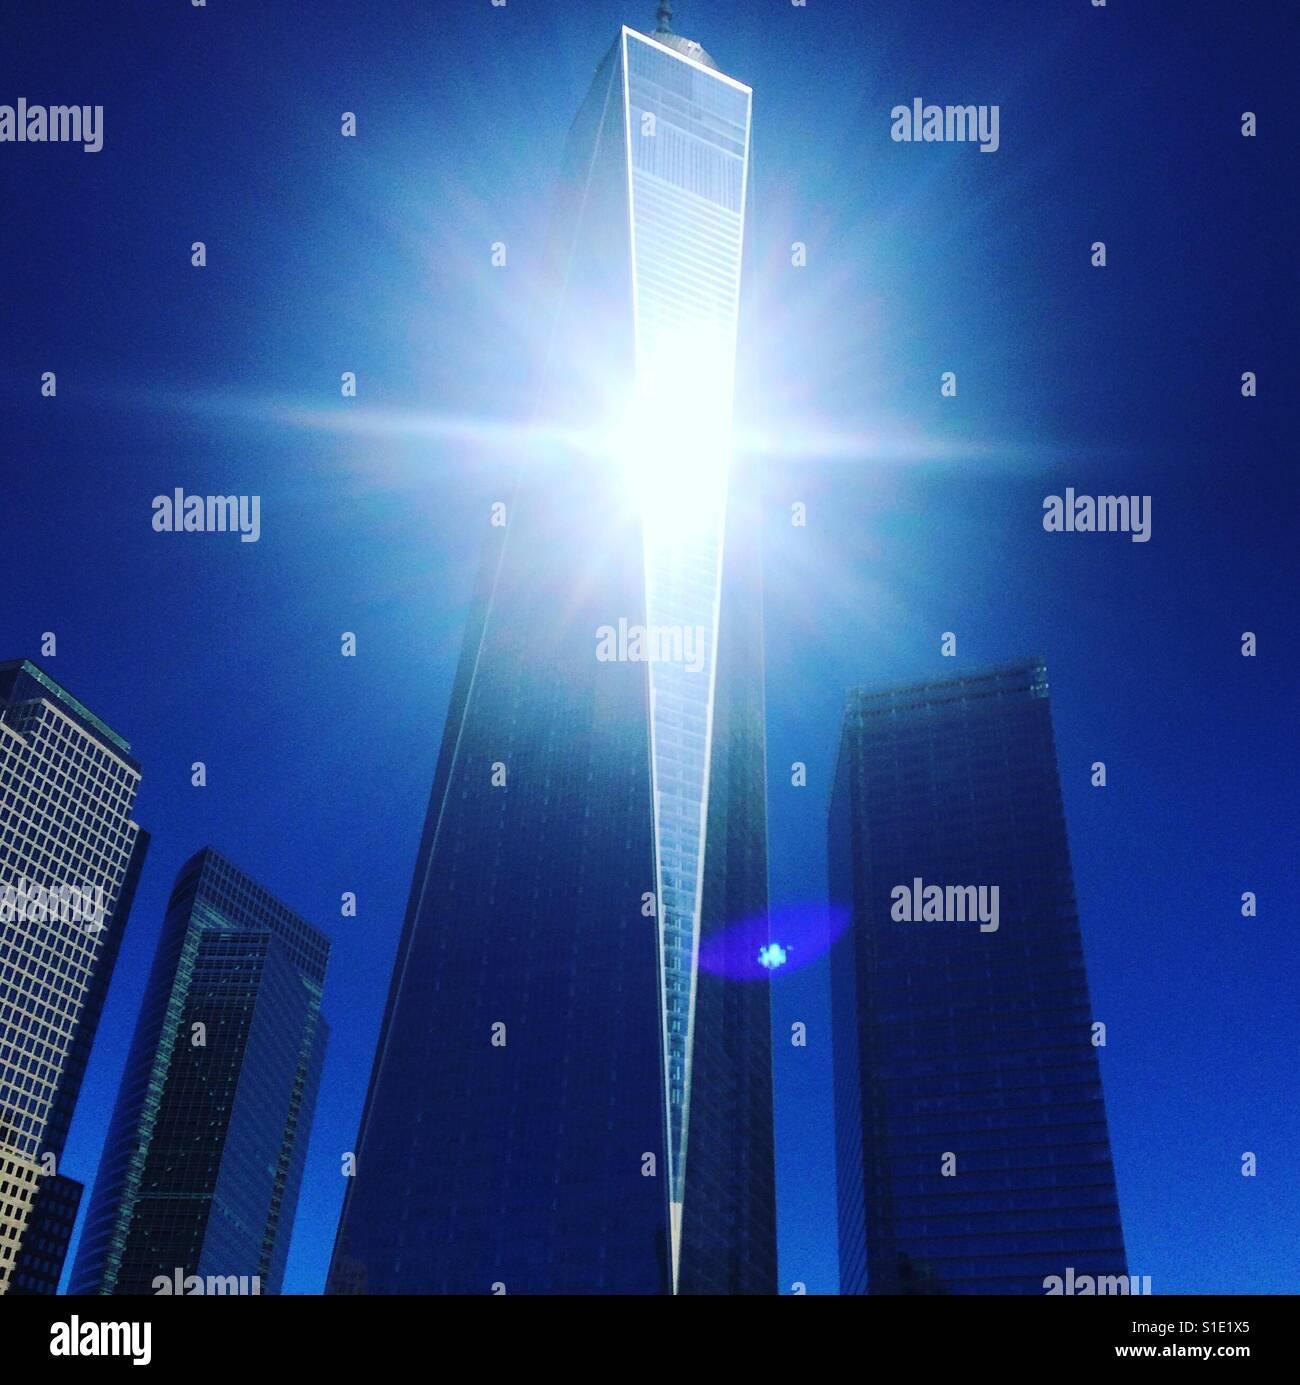 Sonnenlicht auf dem Glas des One World Trade Center, New York, New York Stockbild